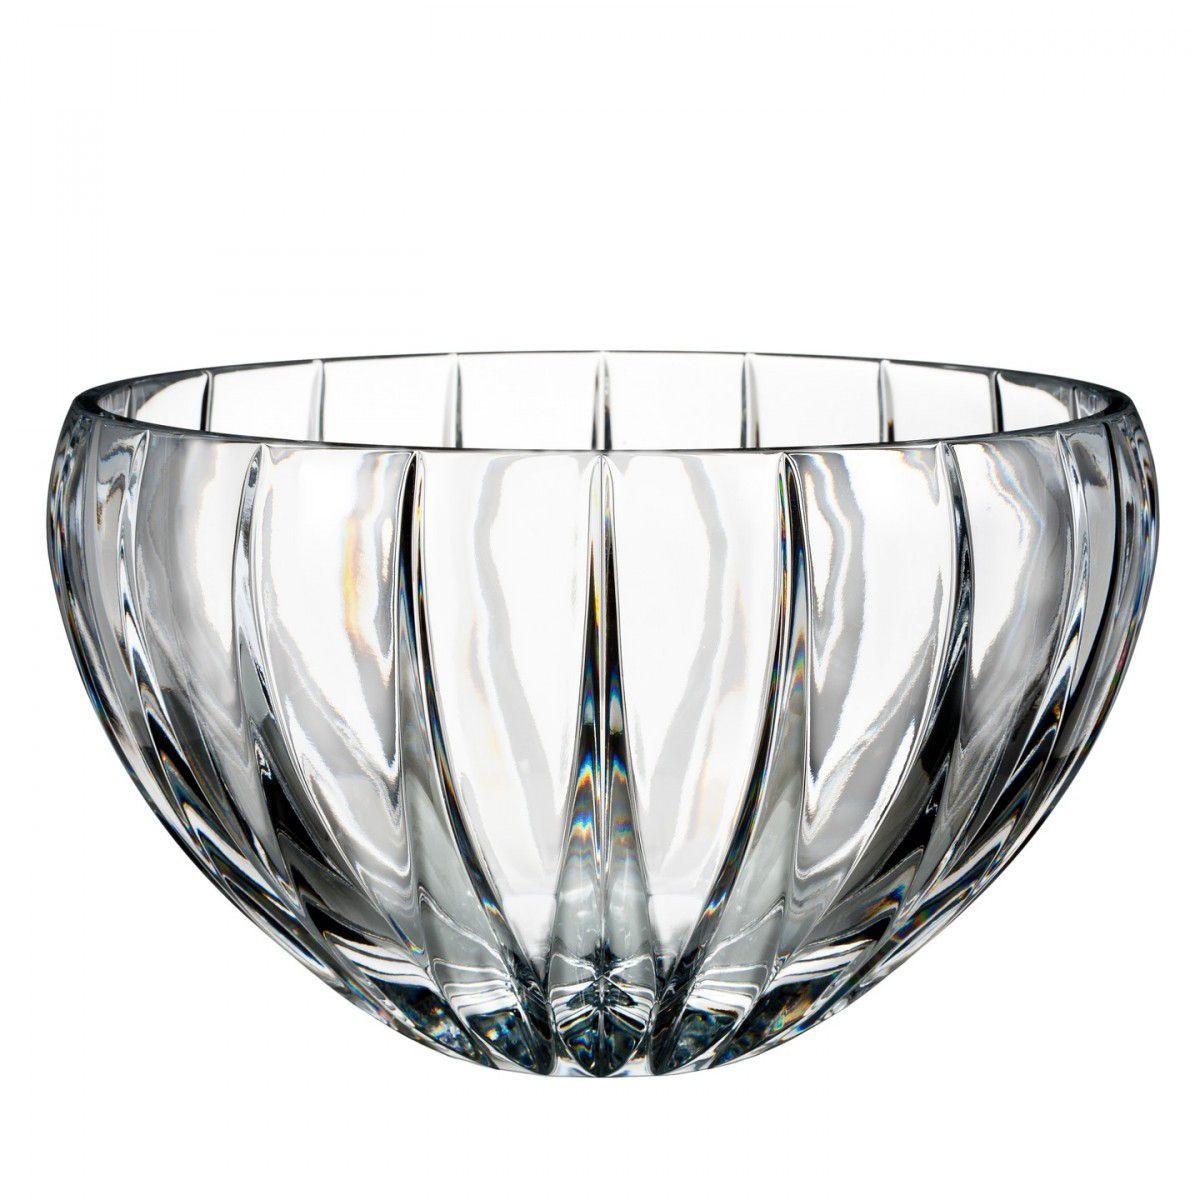 atlantis crystal vase of marquis by waterford crystal phoenix 10 crystal bowl glass for marquis by waterford crystal phoenix 10 crystal bowl